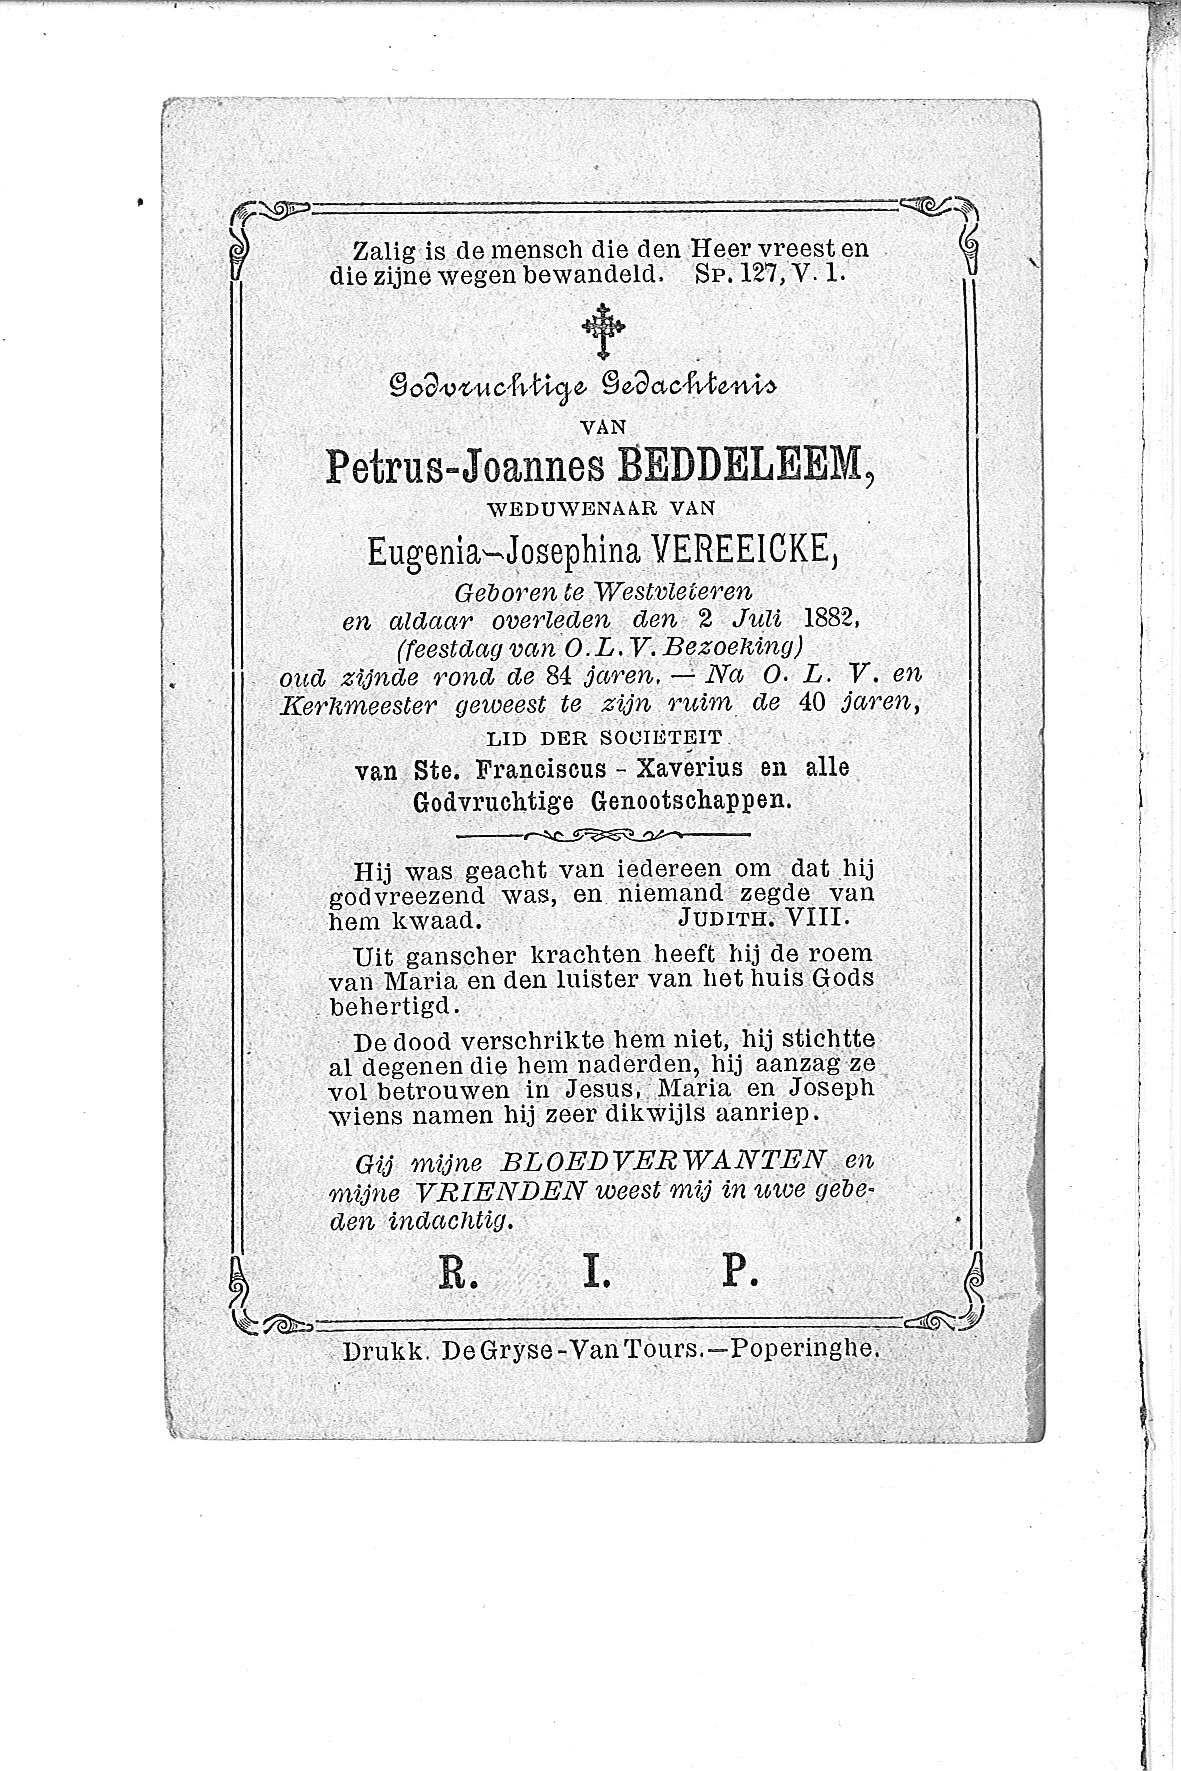 Petrus-Joannes(1882)20110321120507_00001.jpg